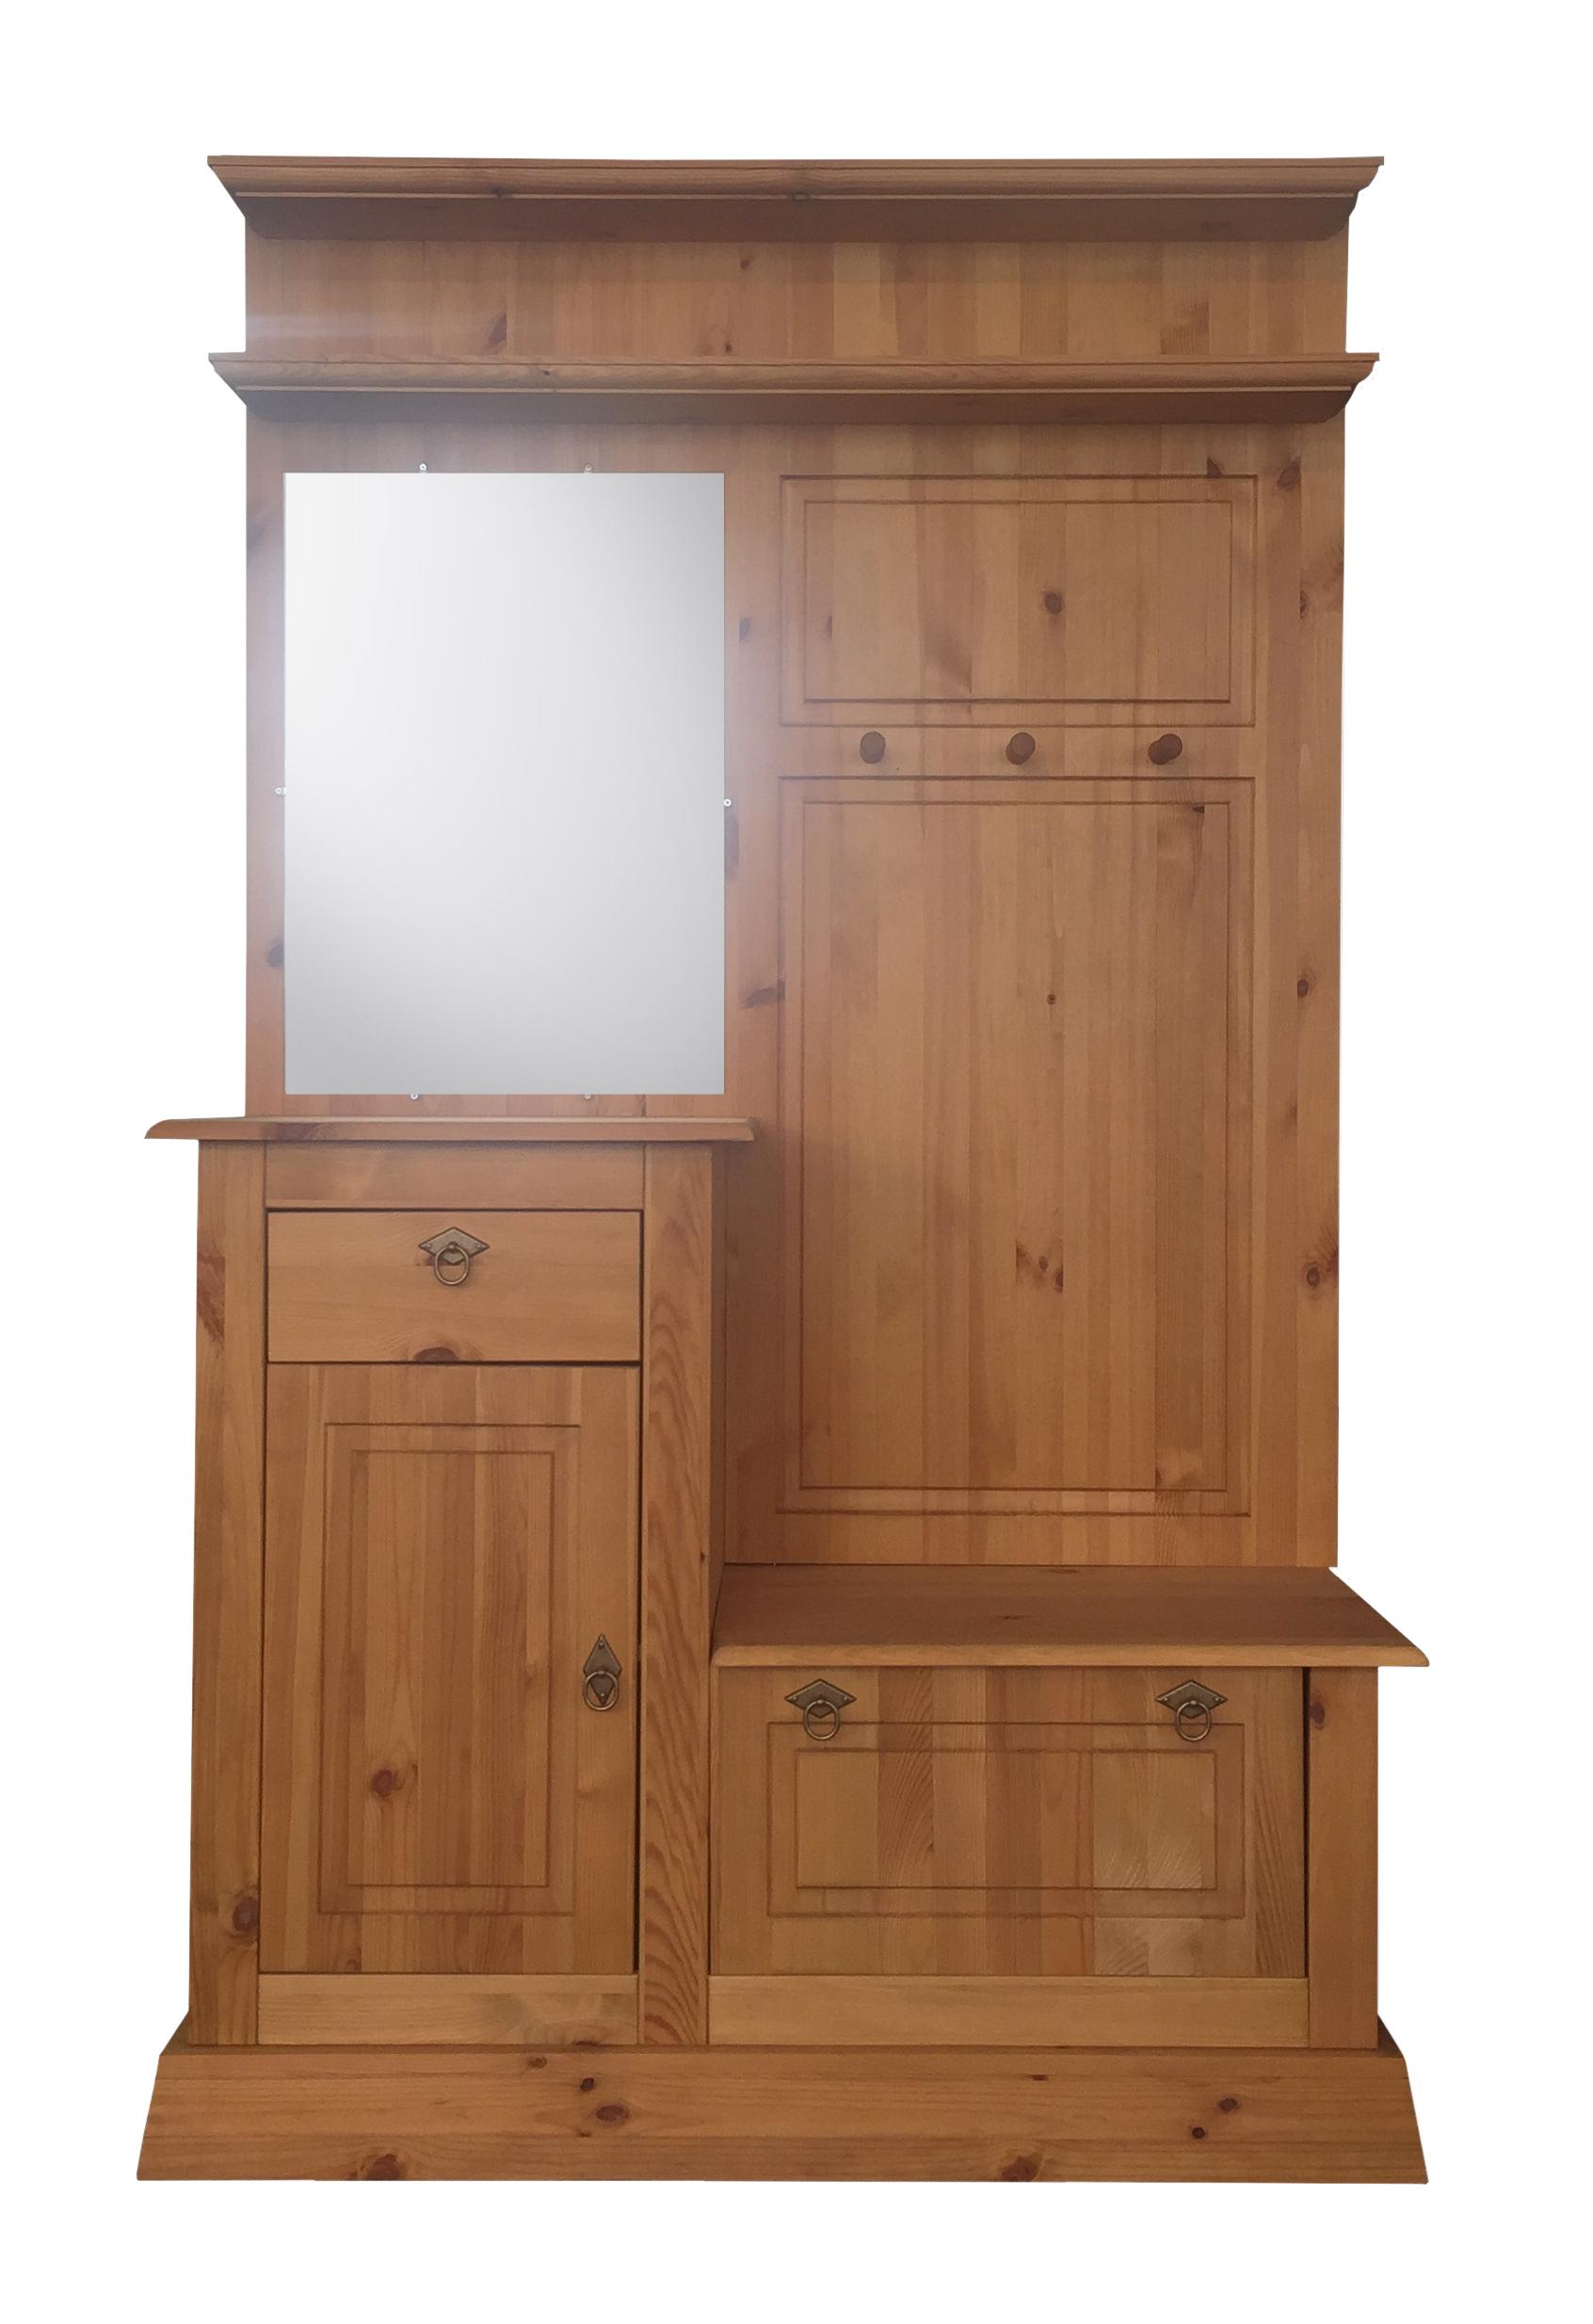 garderobe garderobenschrank spiegel harken schublade holz neu 2521702 ebay. Black Bedroom Furniture Sets. Home Design Ideas